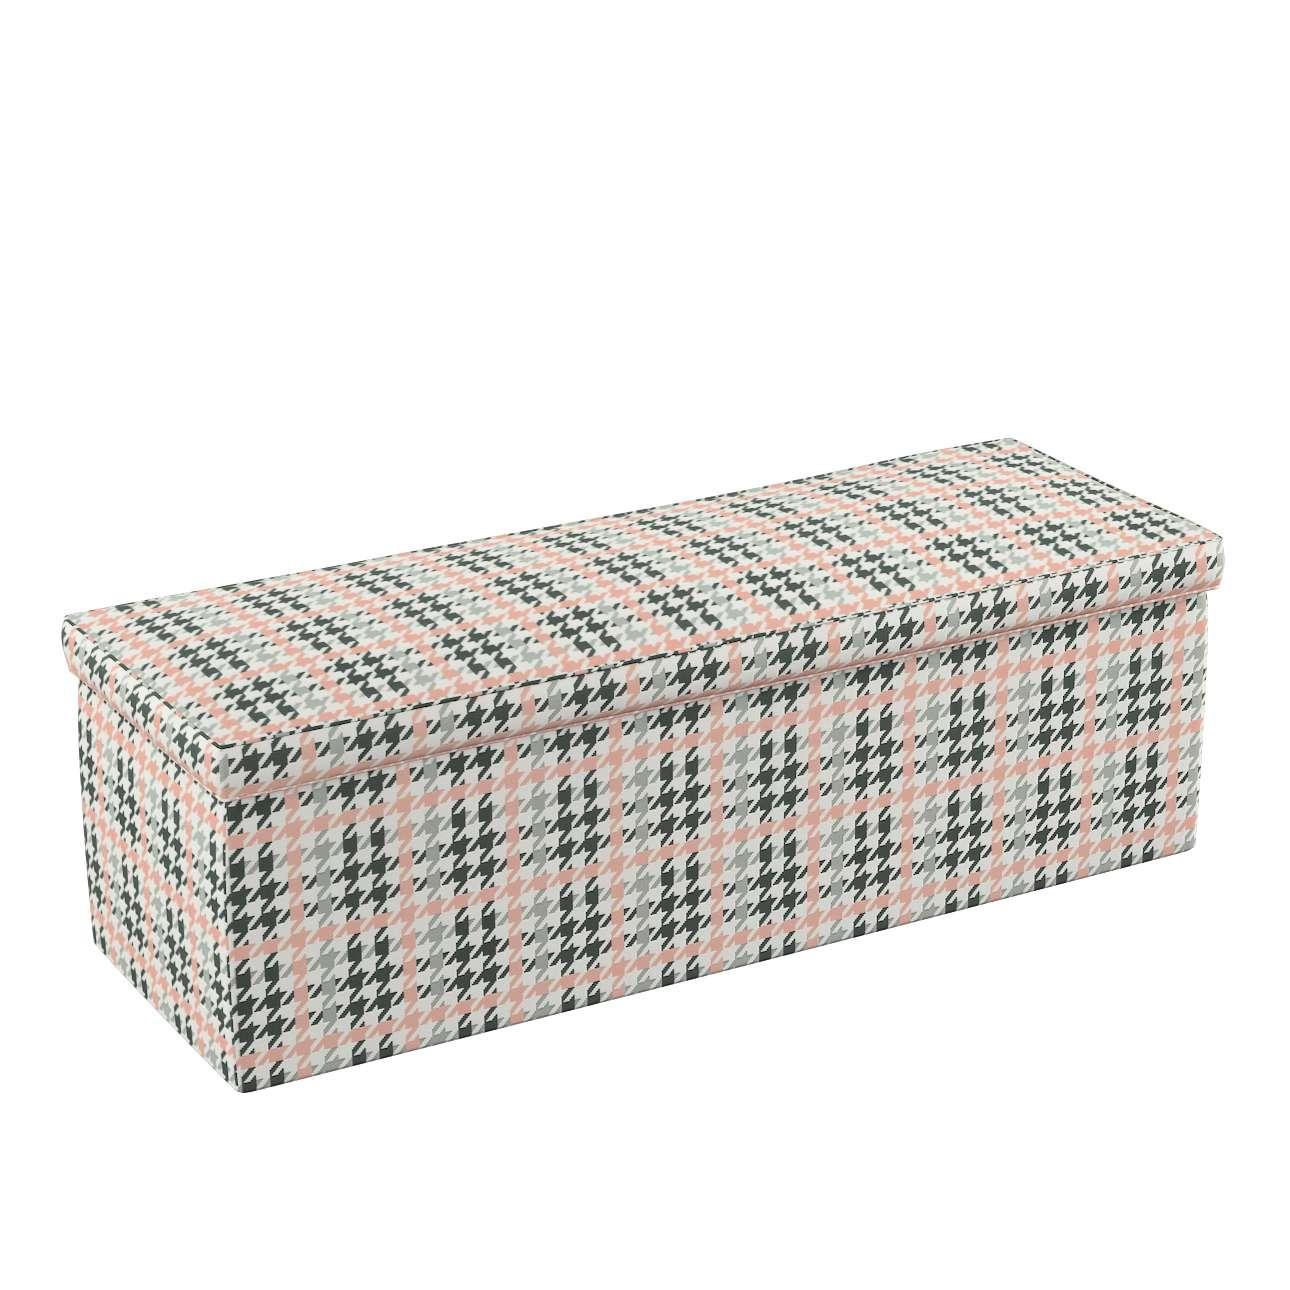 Skrzynia tapicerowana w kolekcji Wyprzedaż do -50%, tkanina: 137-75